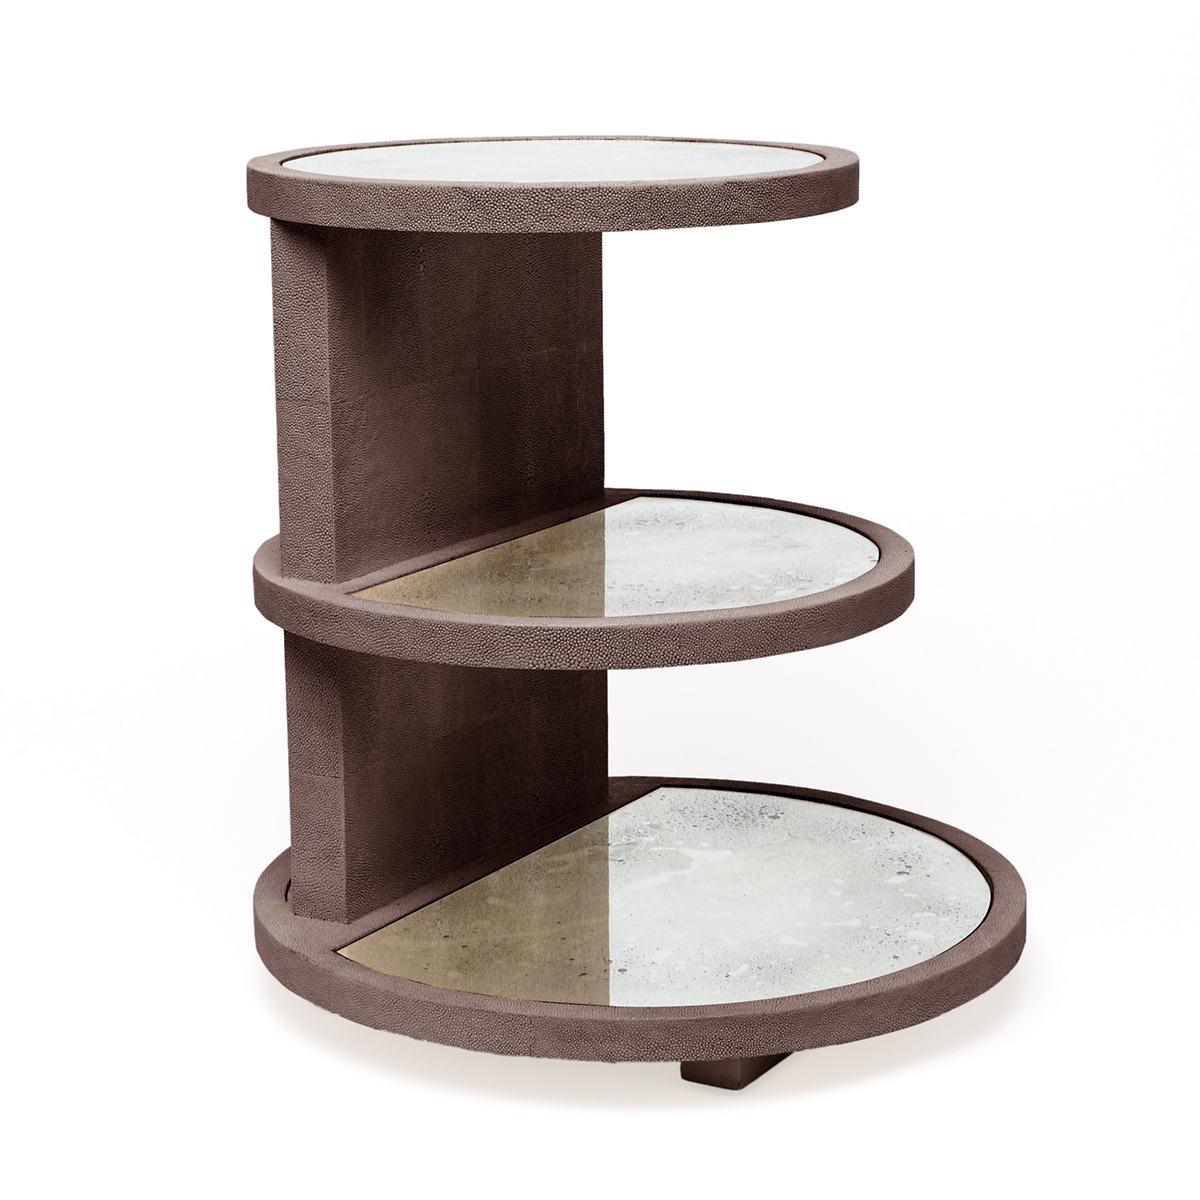 Seal Talia Three-Tier Side Table